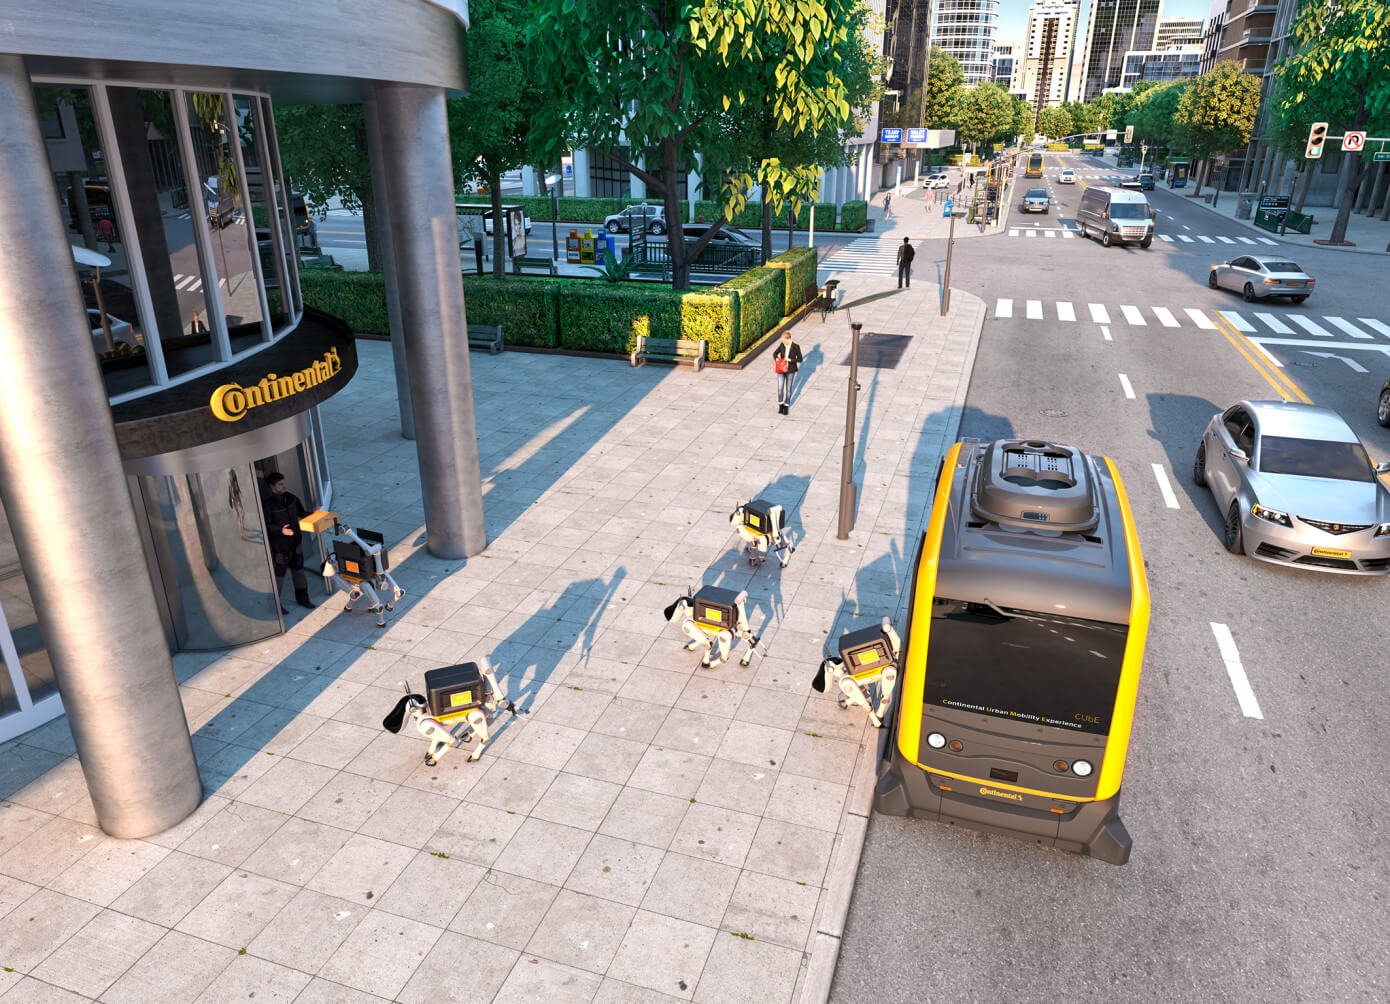 Continental предлагает доставлять товары с помощью беспилотников и роботов-собак